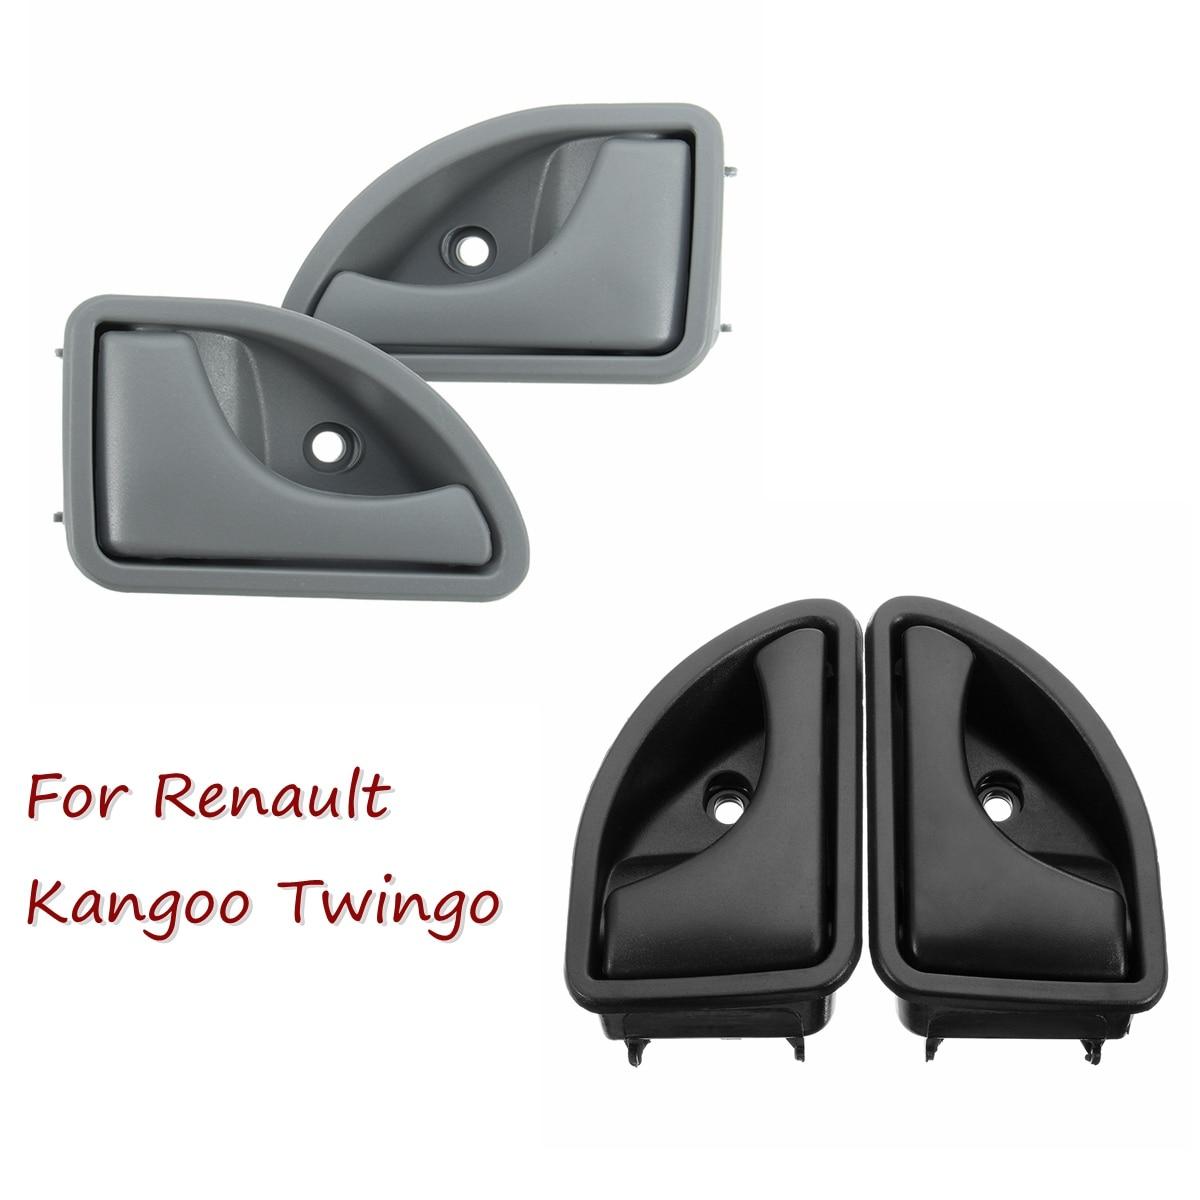 Auto Interieur Deurklink Links Of Rechts Voor Renault 1997-2007 Kangoo & 1997-2003 Twingo Oem 8200247802 82002478